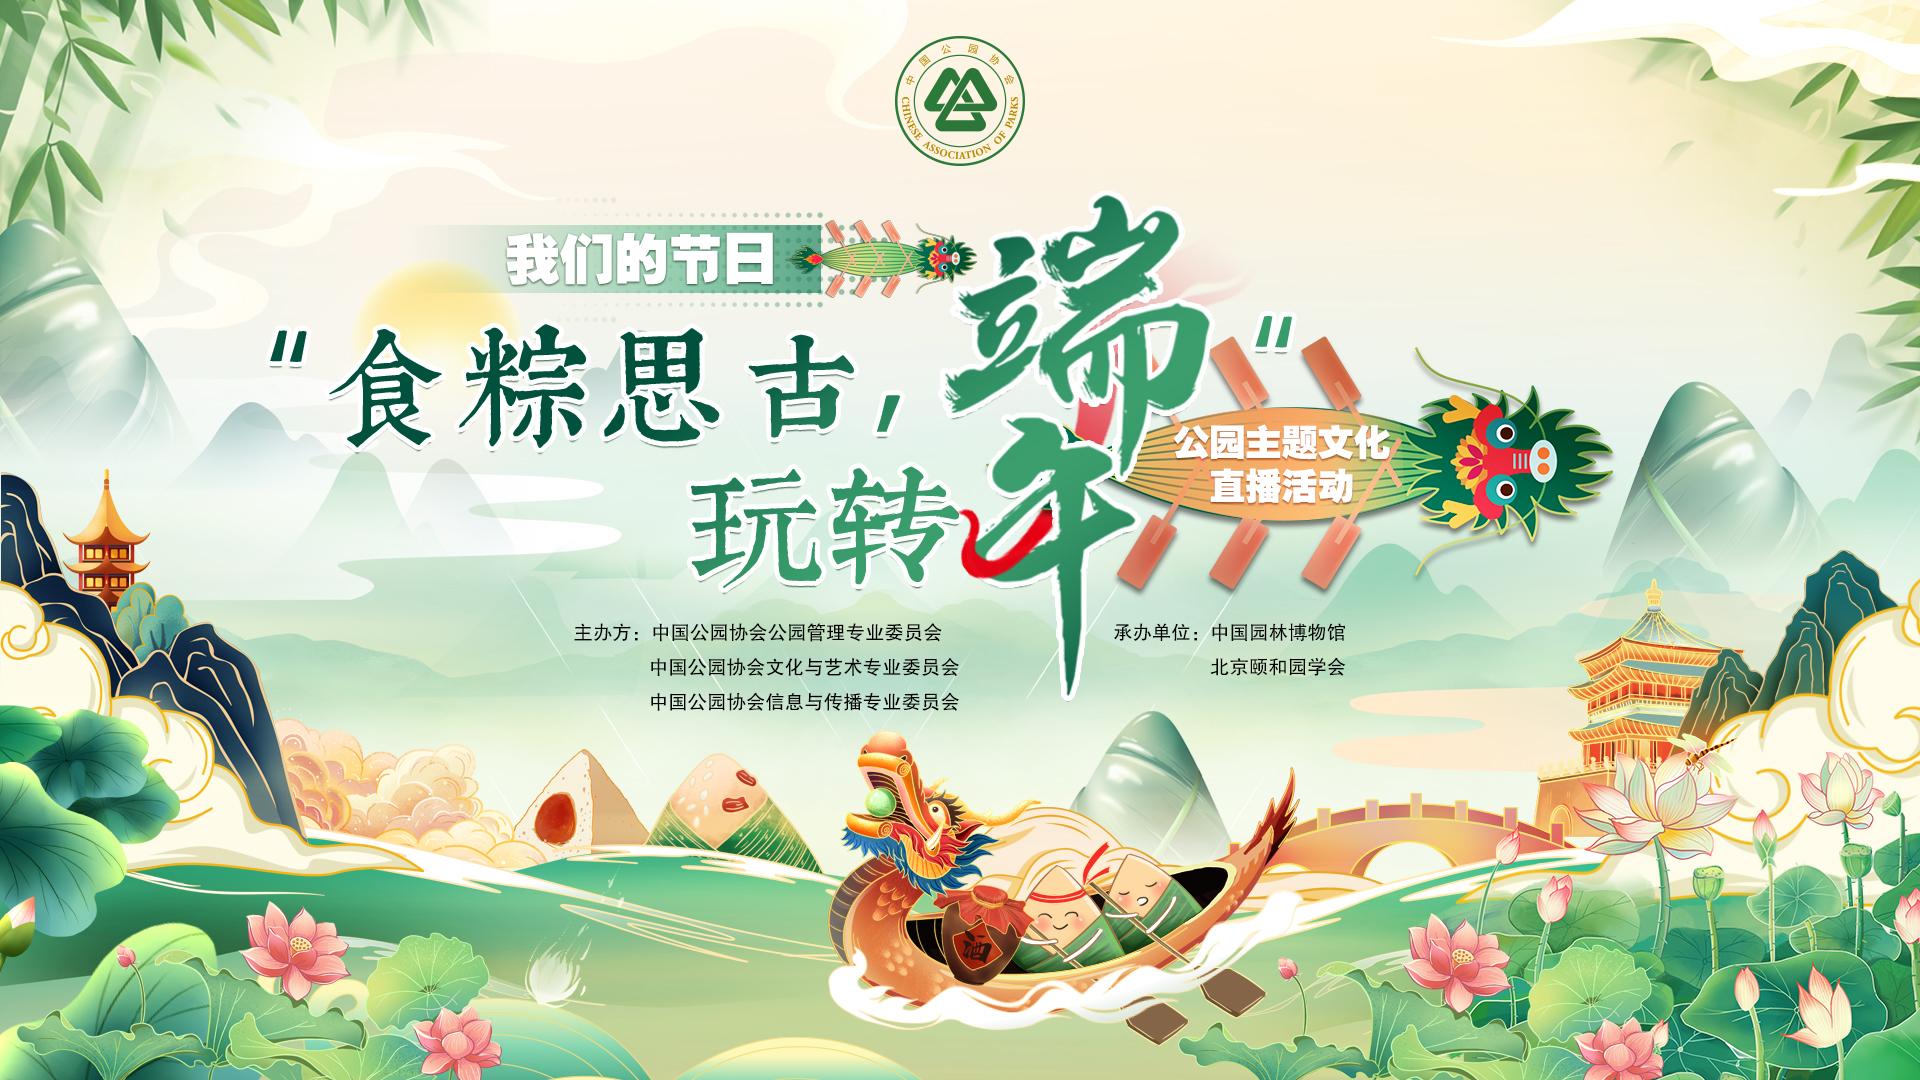 """我们的节日 ——""""食粽思古,玩转端午""""公园主题文化直播活动"""